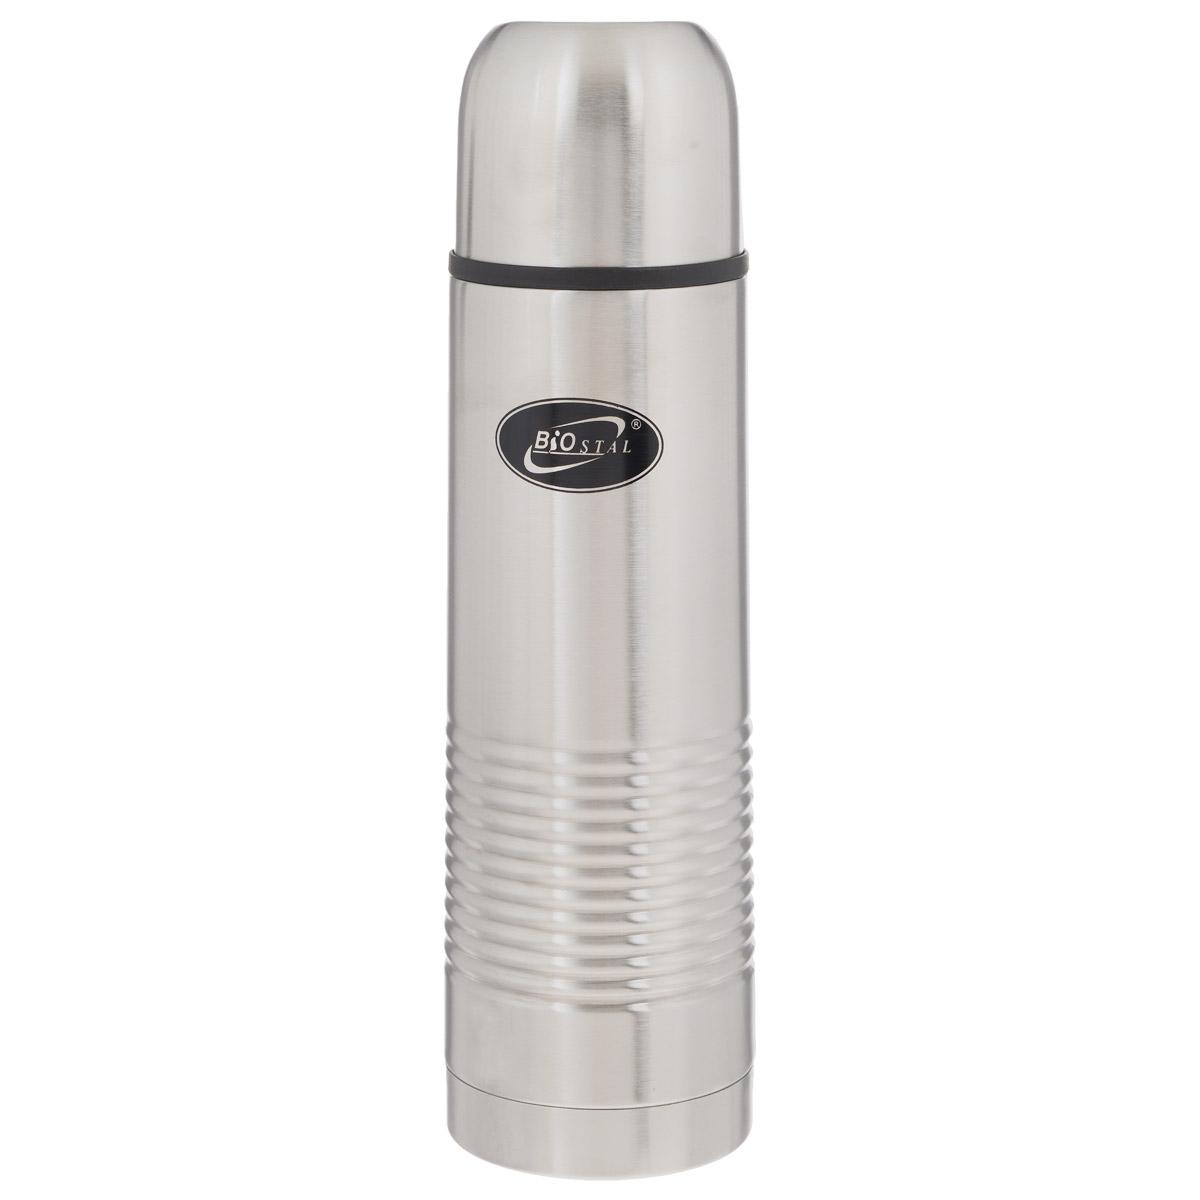 Термос BIOSTAL, в чехле, 500 мл. NB-500-BSPIRIT ED 8420Термос с узким горлом BIOSTAL, изготовленный из высококачественной нержавеющей стали, относится к классической серии. Термосы этой серии, являющейся лидером продаж, просты в использовании, экономичны и многофункциональны. Термос предназначен для хранения горячих и холодных напитков (чая, кофе) и укомплектован пробкой с кнопкой. Такая пробка удобна в использовании и позволяет, не отвинчивая ее, наливать напитки после простого нажатия. Изделие также оснащено крышкой-чашкой и текстильным чехлом для хранения и переноски термоса. Легкий и прочный термос BIOSTAL сохранит ваши напитки горячими или холодными надолго.